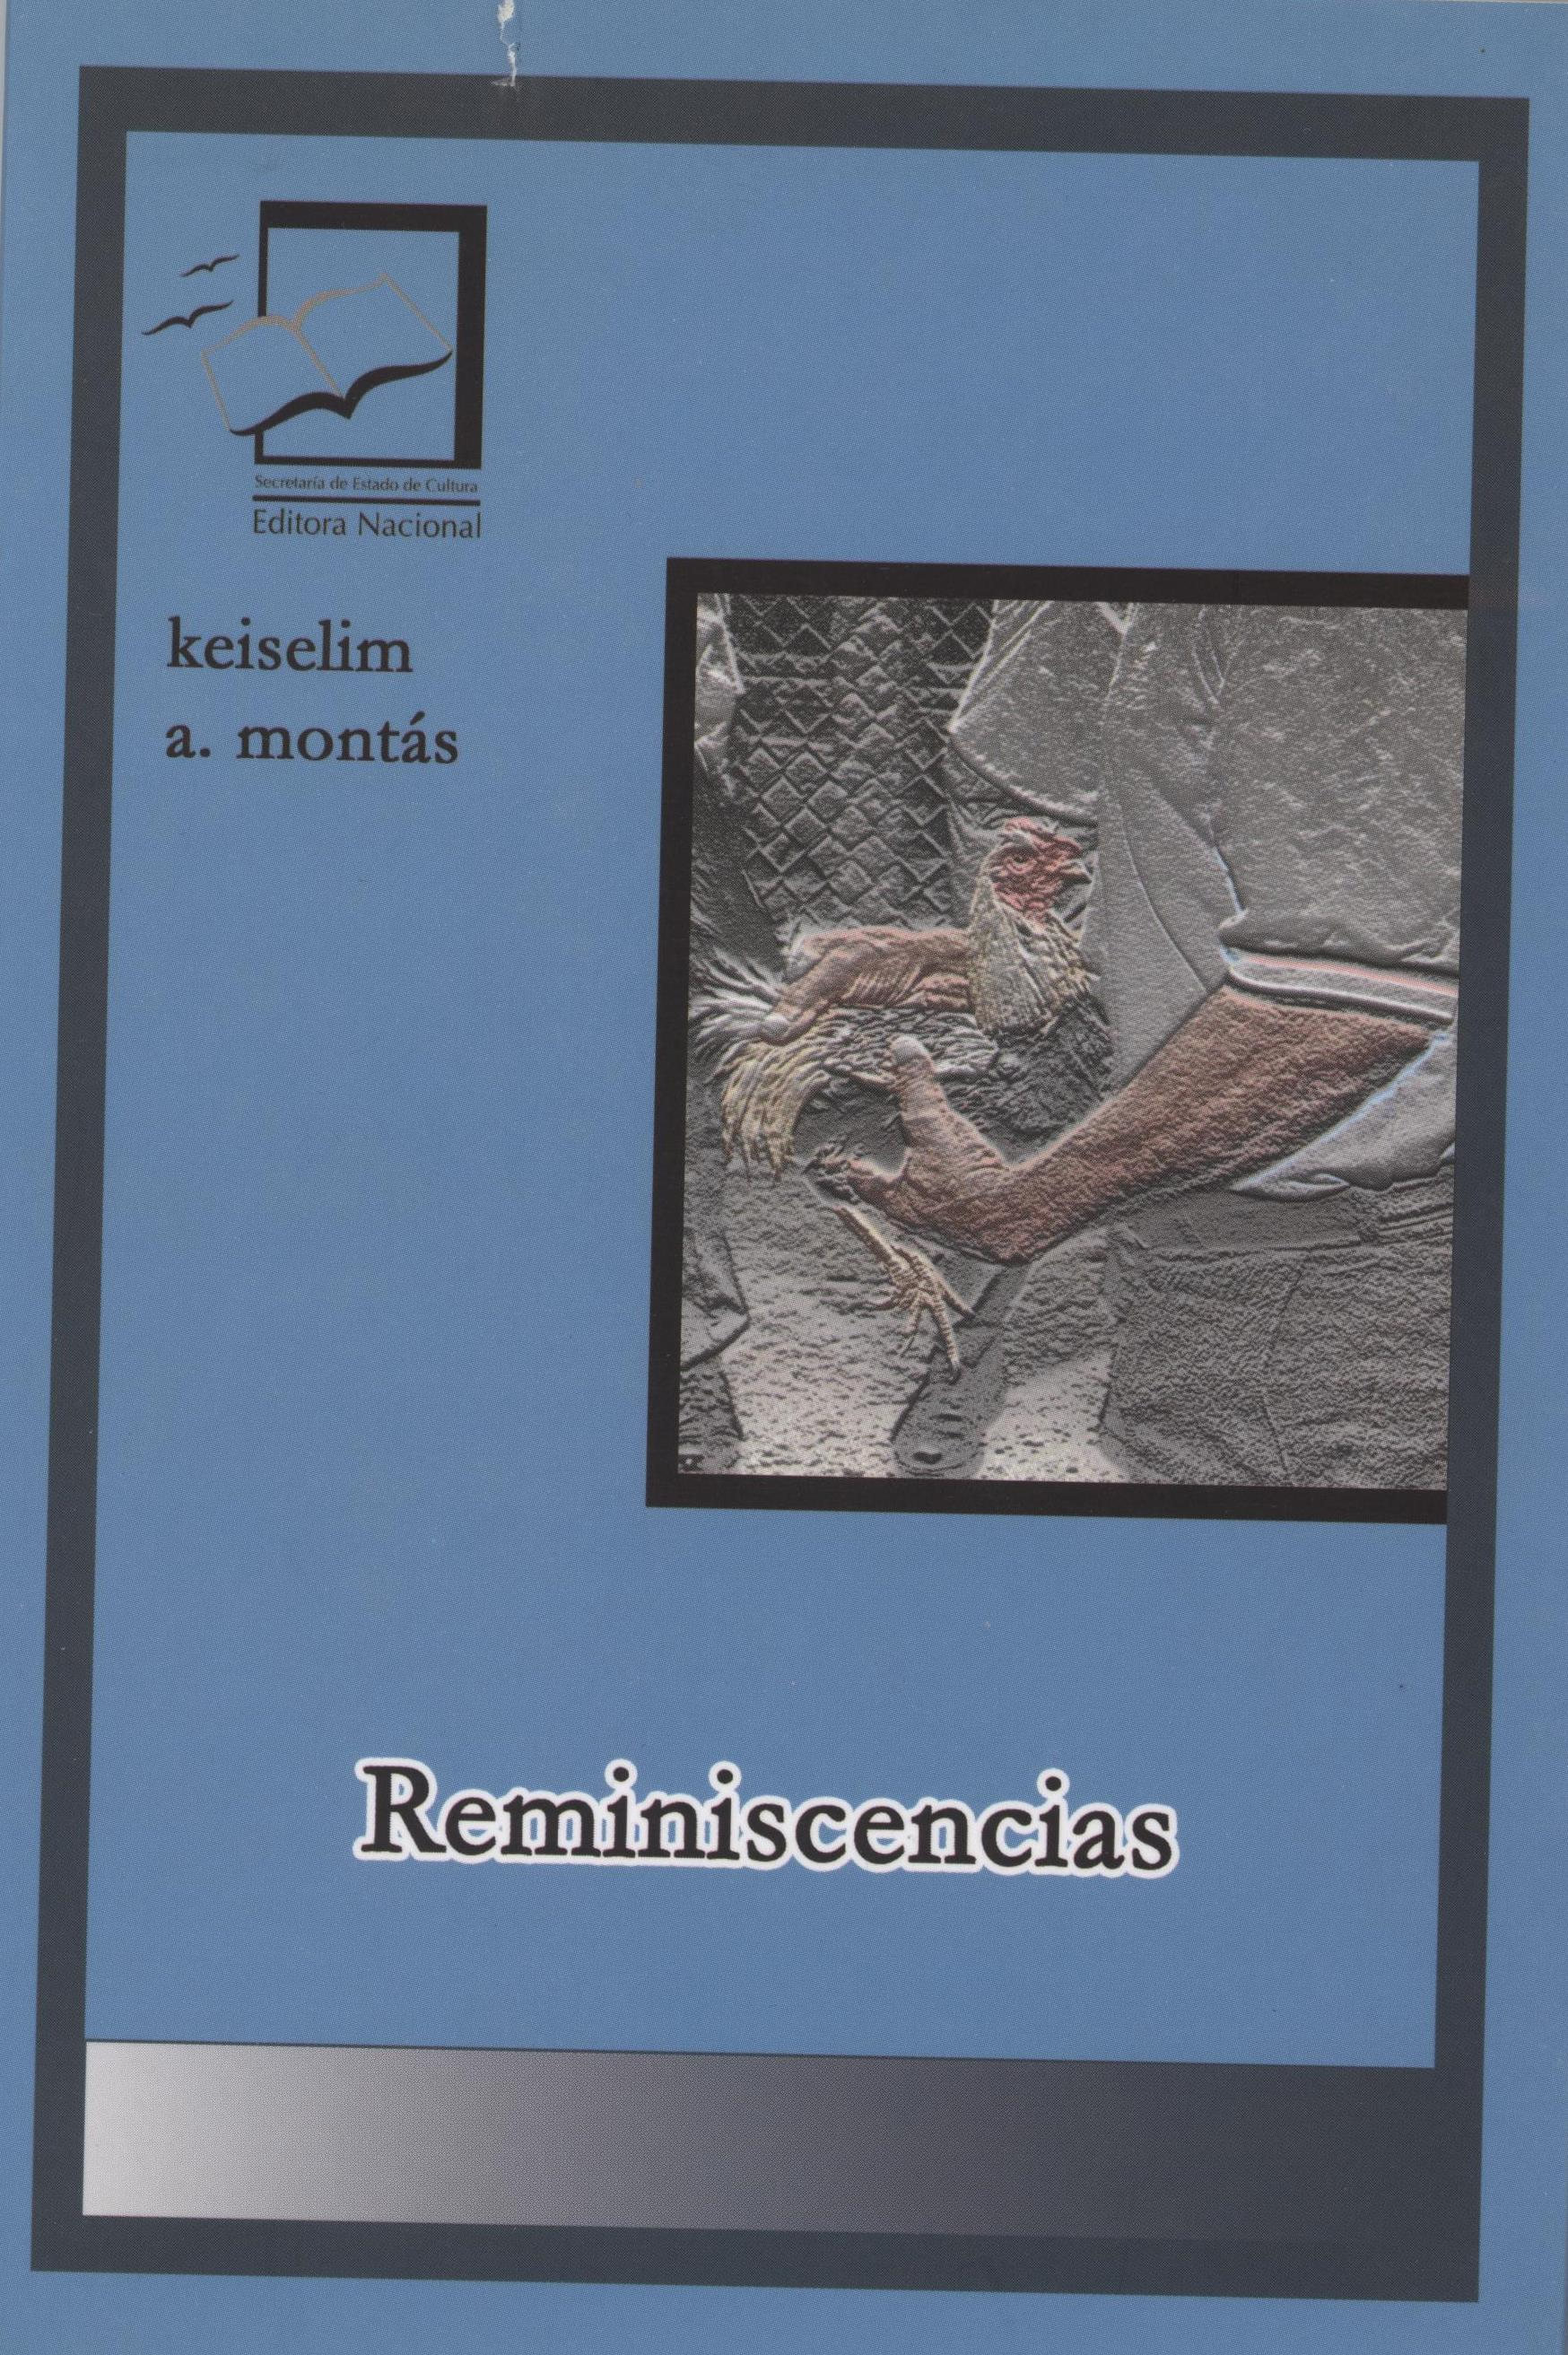 Reminiscencias._Keiselim_Montás._GANADOR_2006